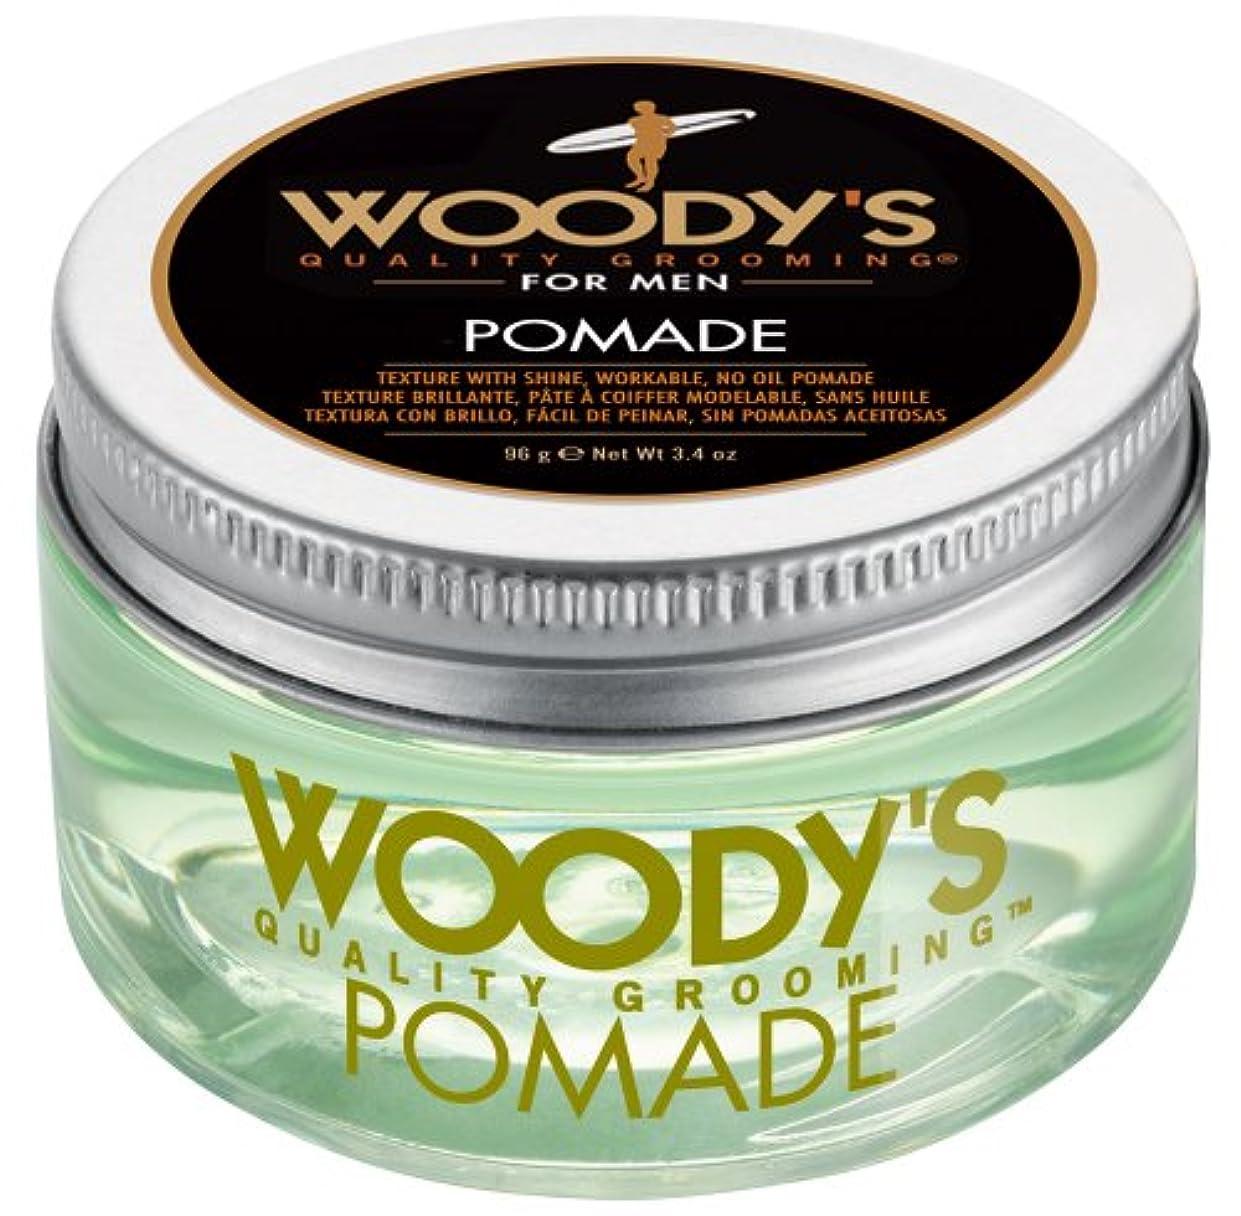 歯車衝突する運動Woody's Pomade for Men, Pomade, 3.4 Ounce